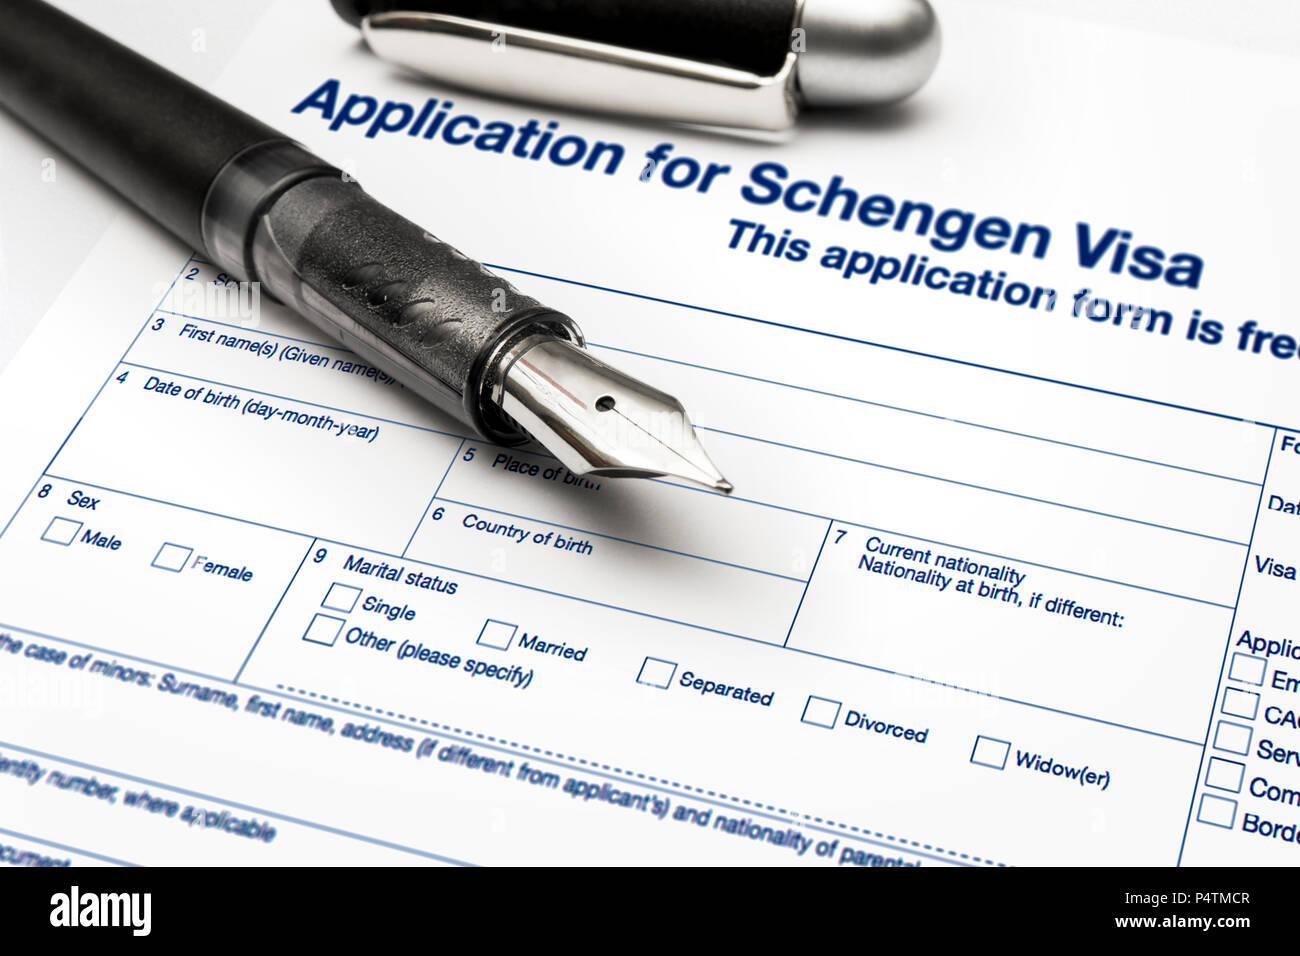 Cierre de una solicitud de visado Schengen y pasaporte. Imagen De Stock